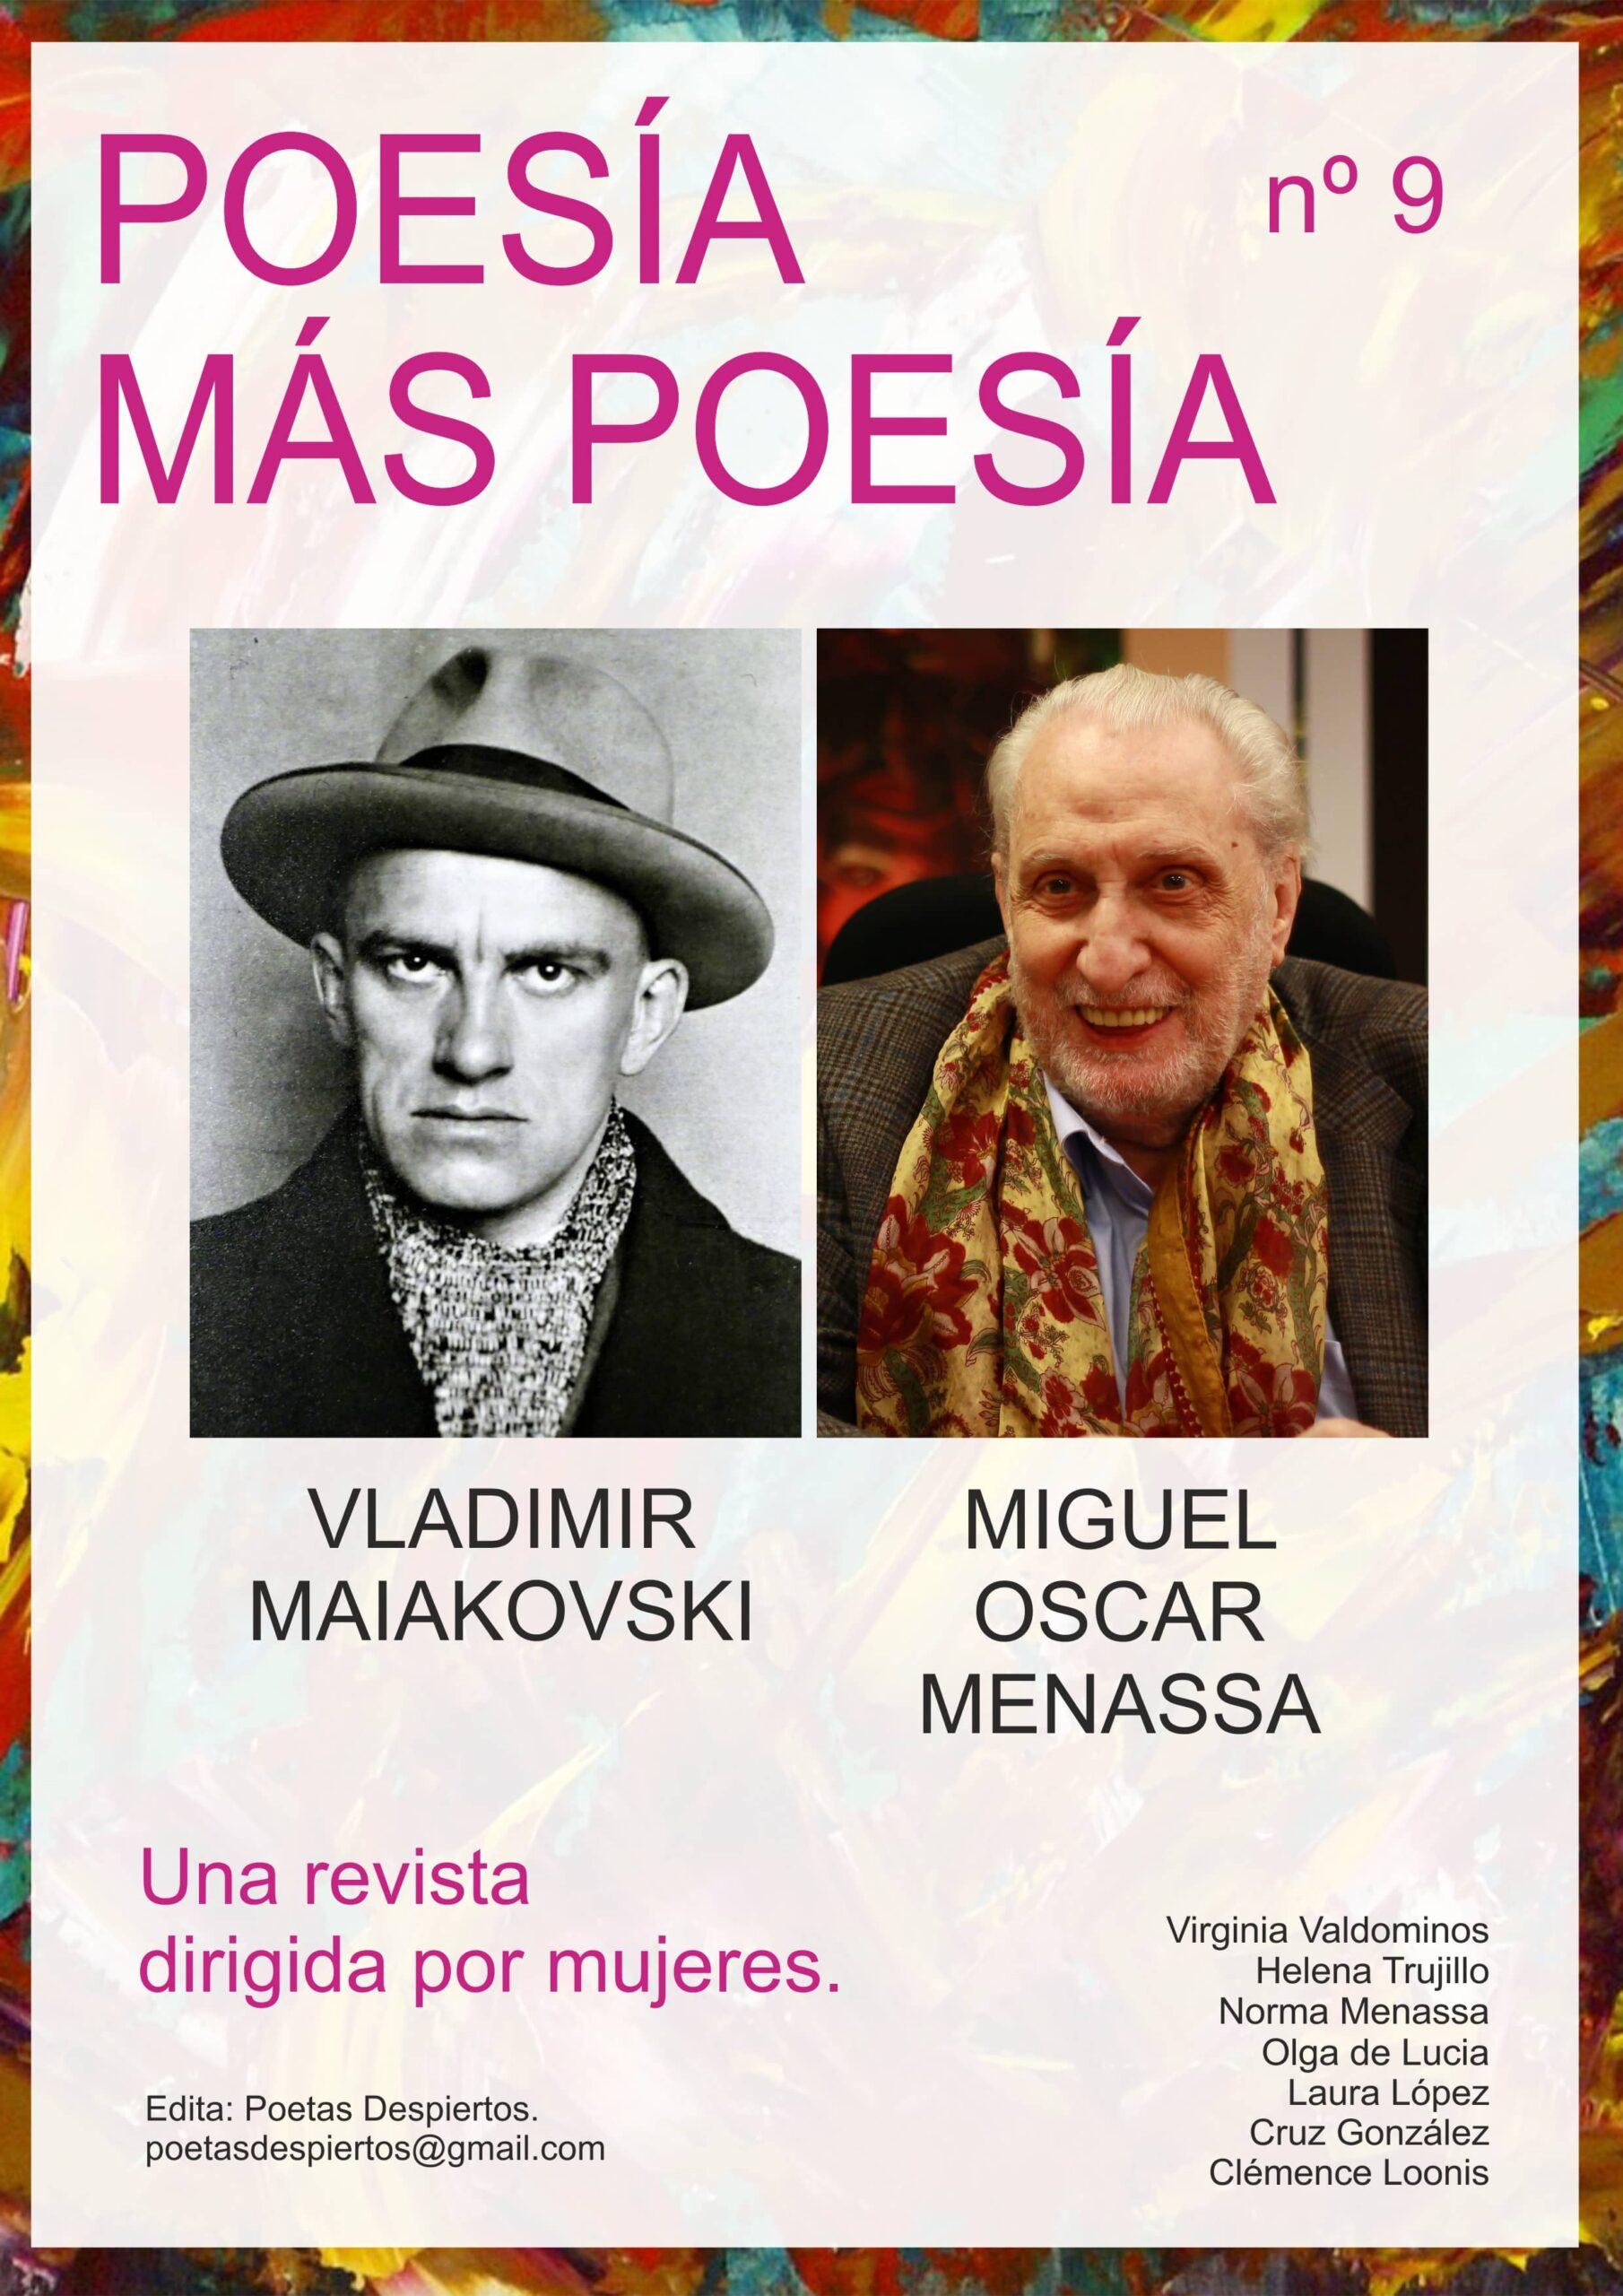 Revista Poesía más Poesía dedicada al poeta ruso Vladimir Maiakovski y a Miguel Oscar Menassa.